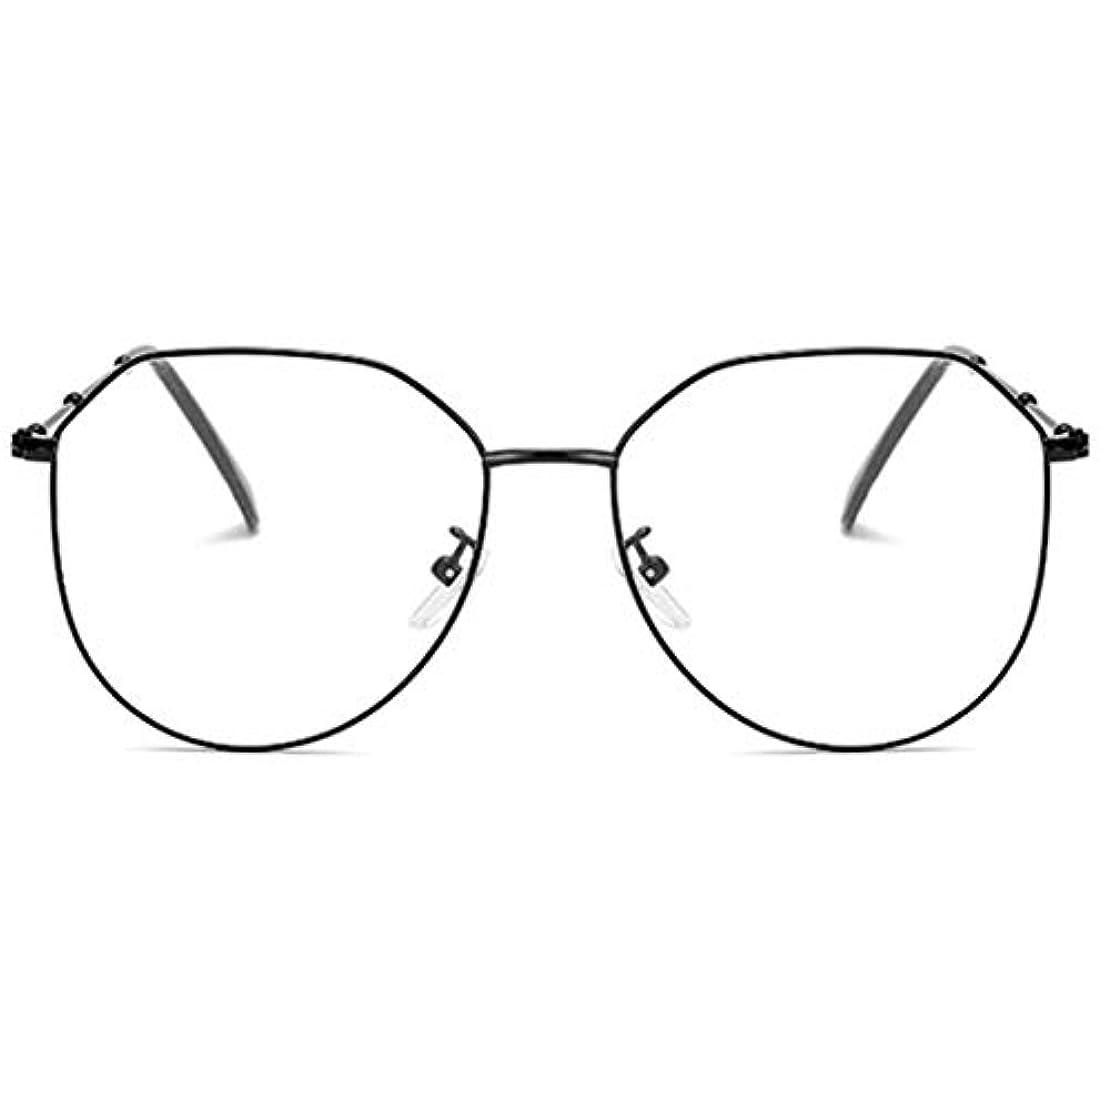 療法試験二度放射線防護アンチブルーライト男性女性メガネ軽量金属フレームプレーンミラーレンズアイウェアメガネ-ブラック